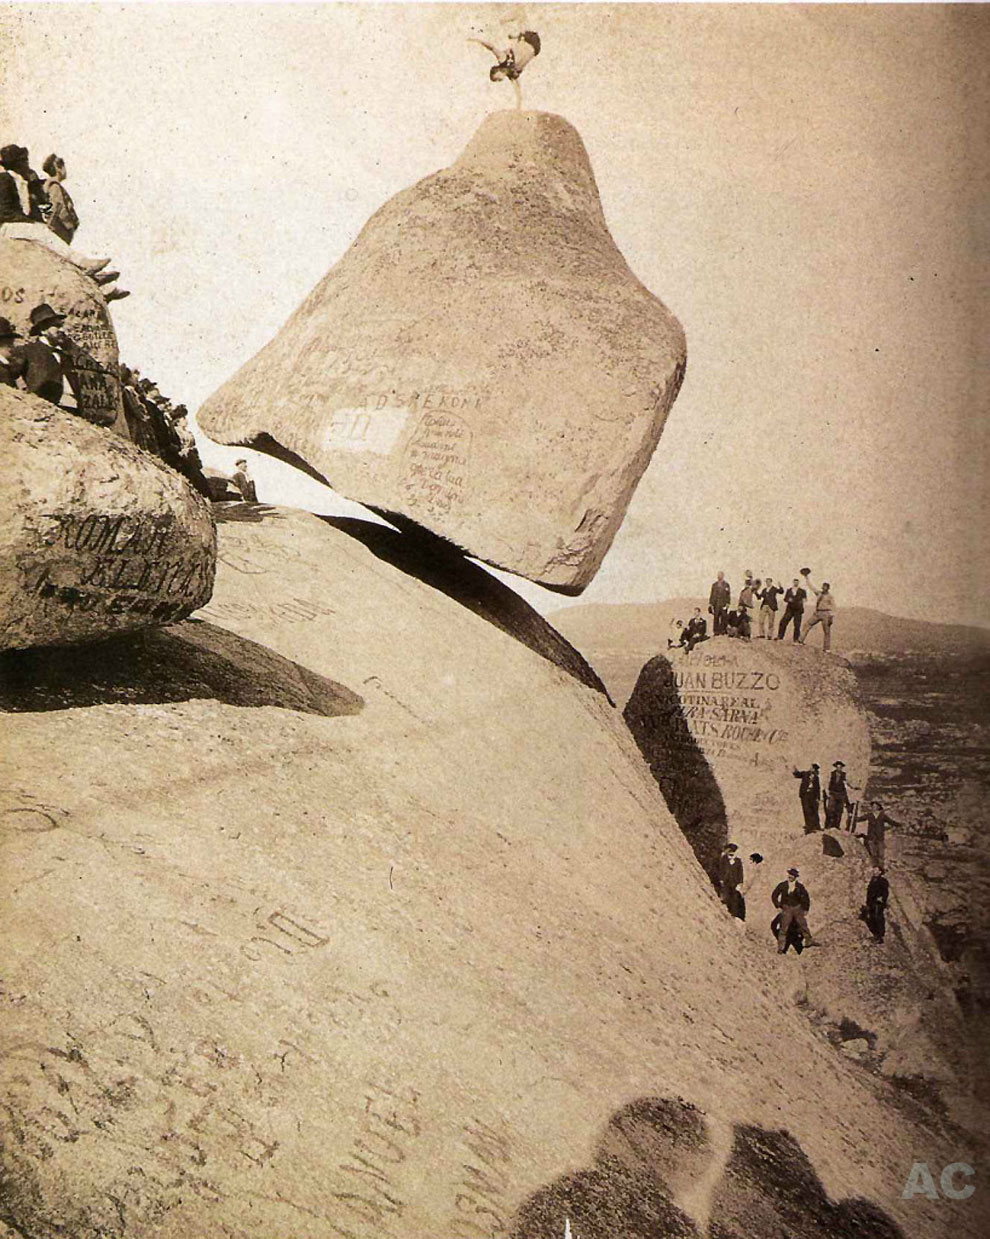 Fotografía Del Día: La Misteriosa Piedra Movediza De Tandil